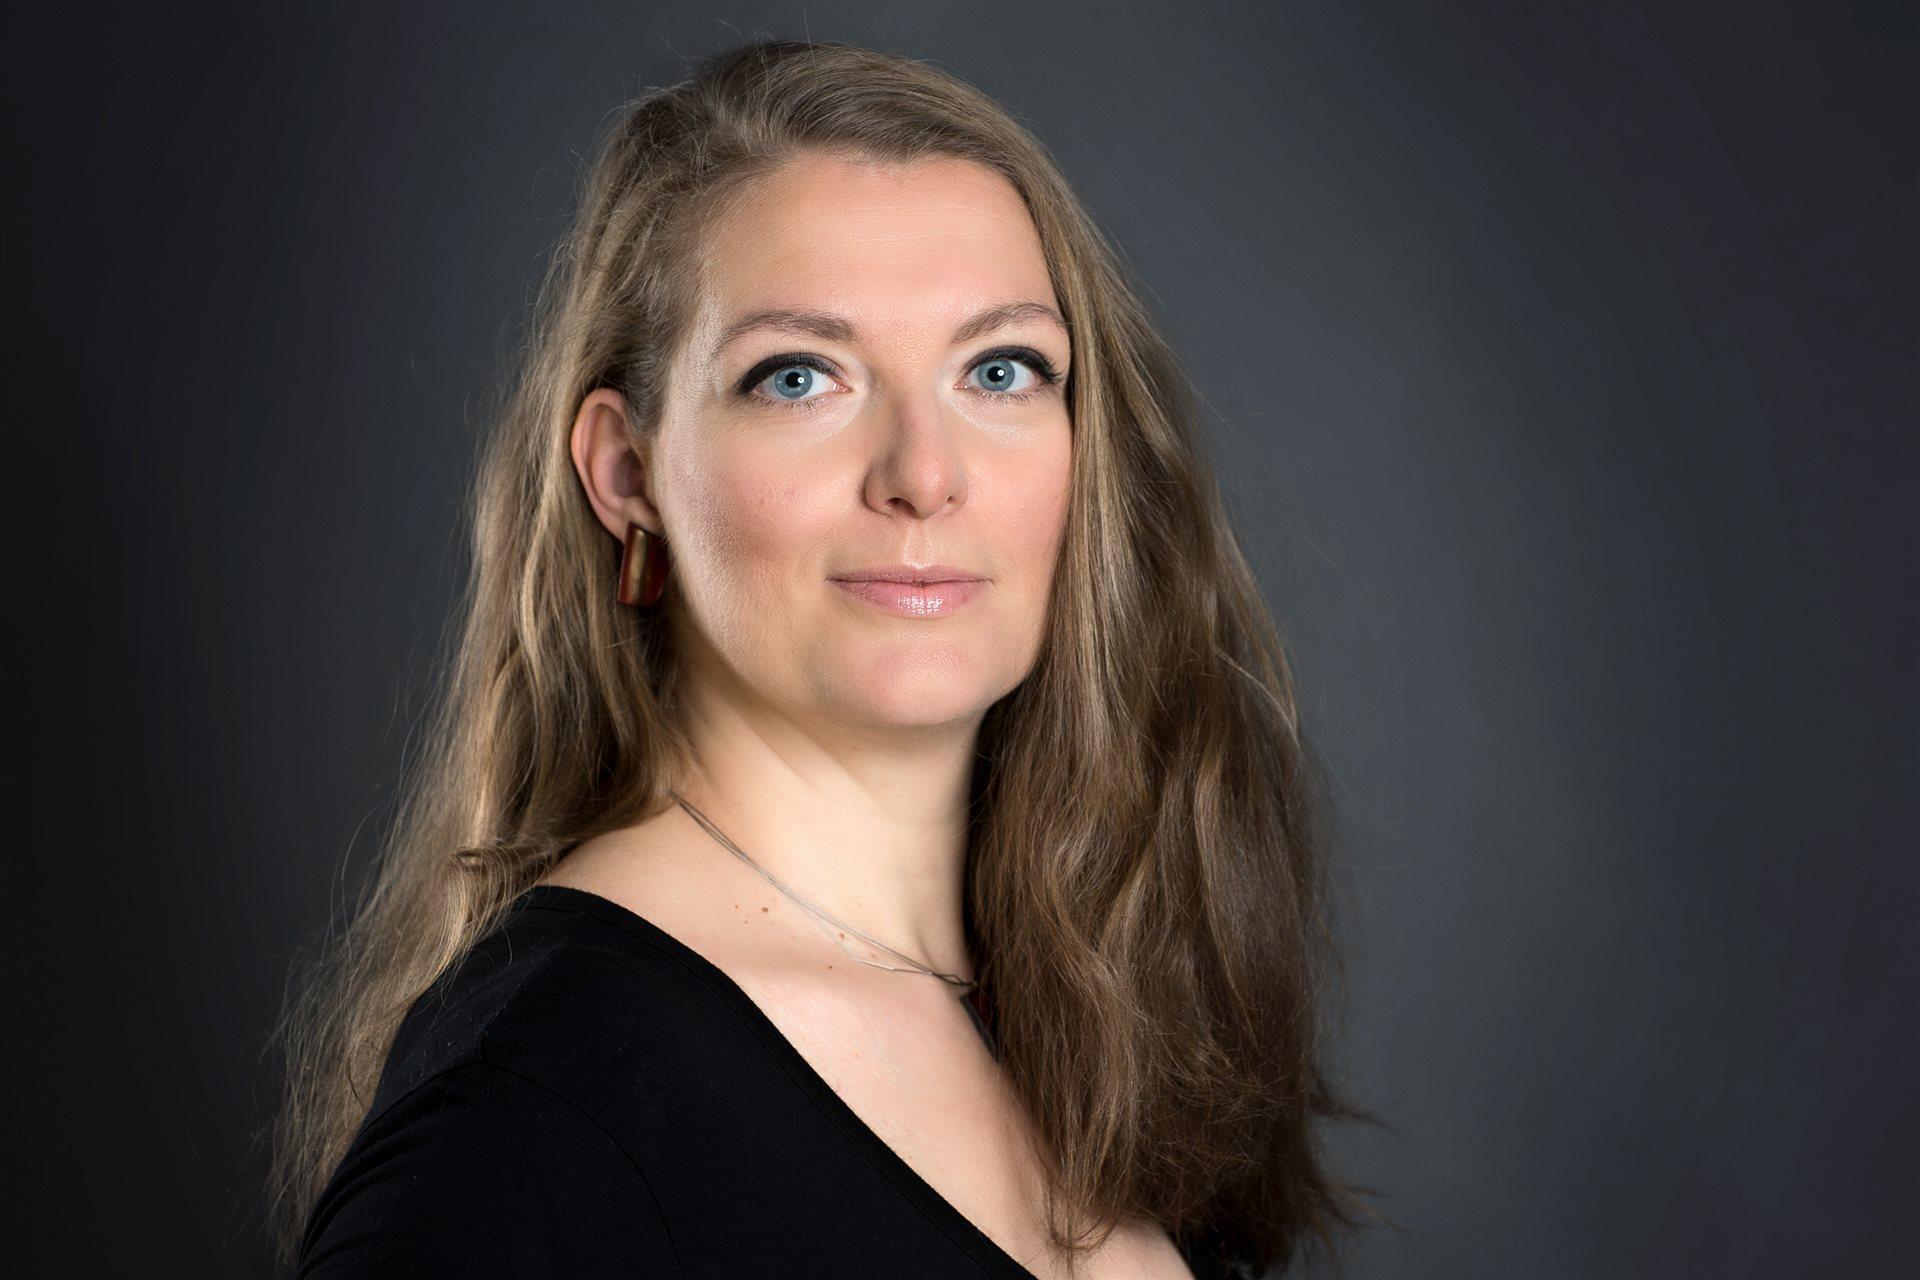 Franziska Ernst